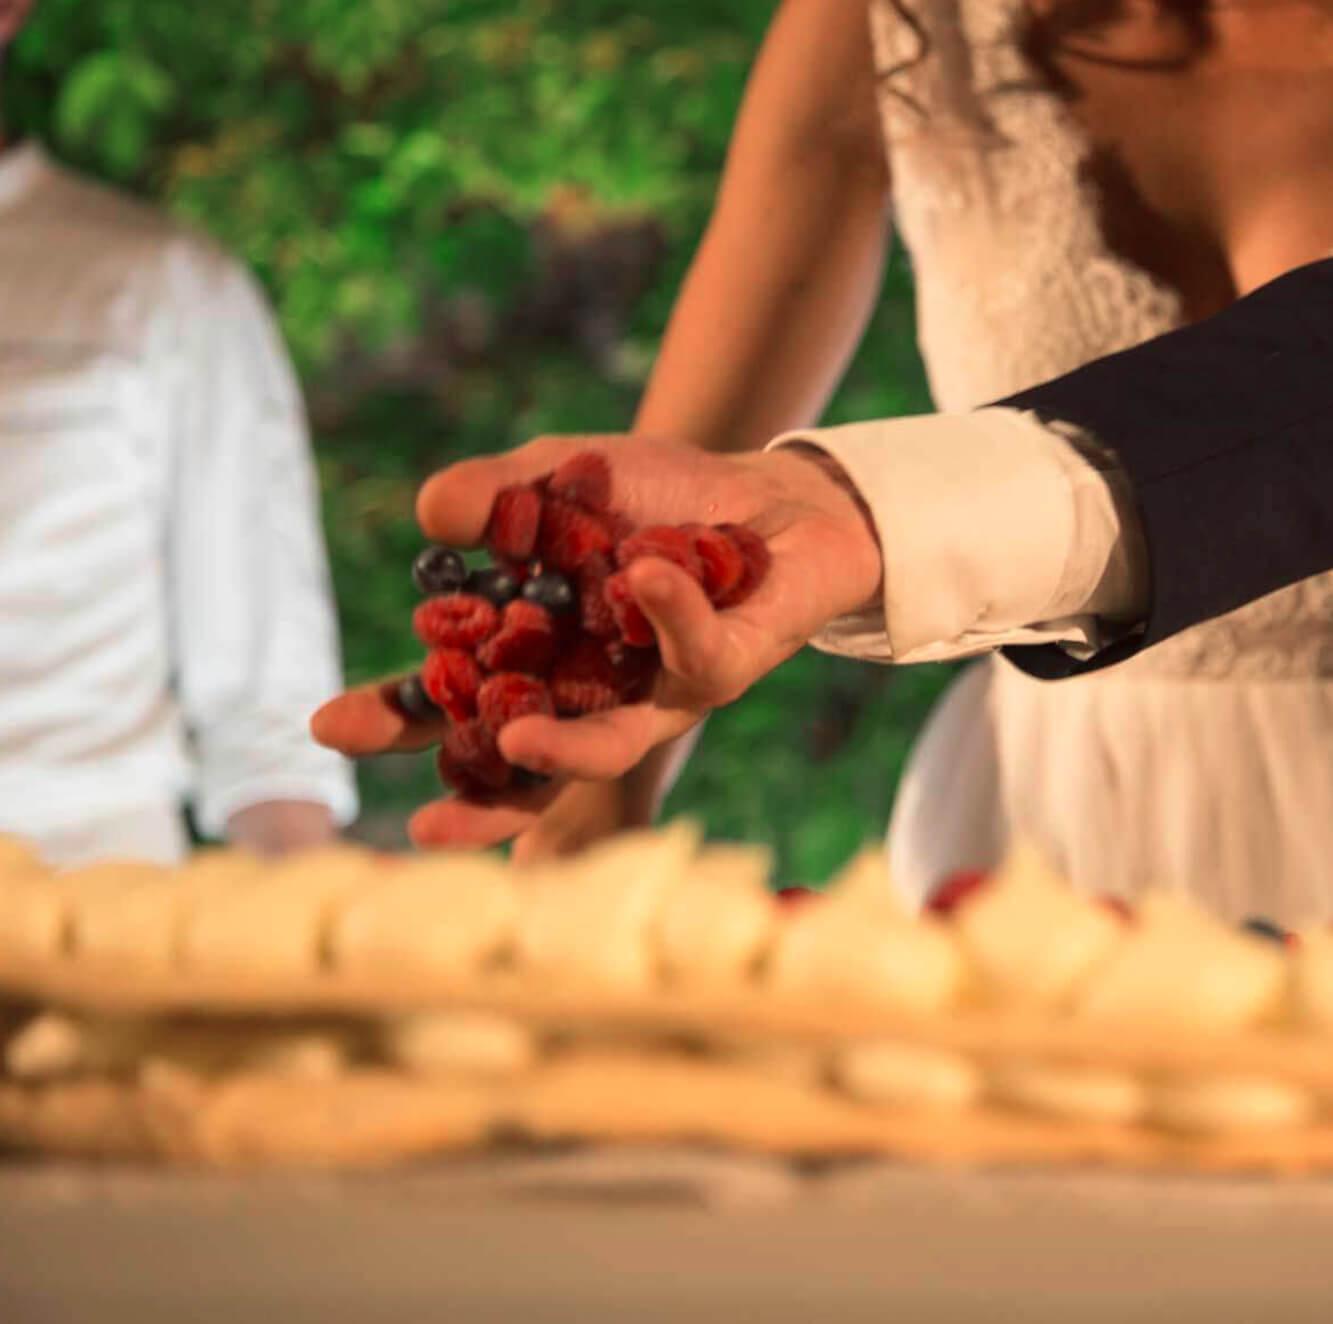 Torta nuziale realizzata da esperti cake designers. Giulia Alessandri Wedding Planner: progettazione e coordinazione matrimoni in Toscana.